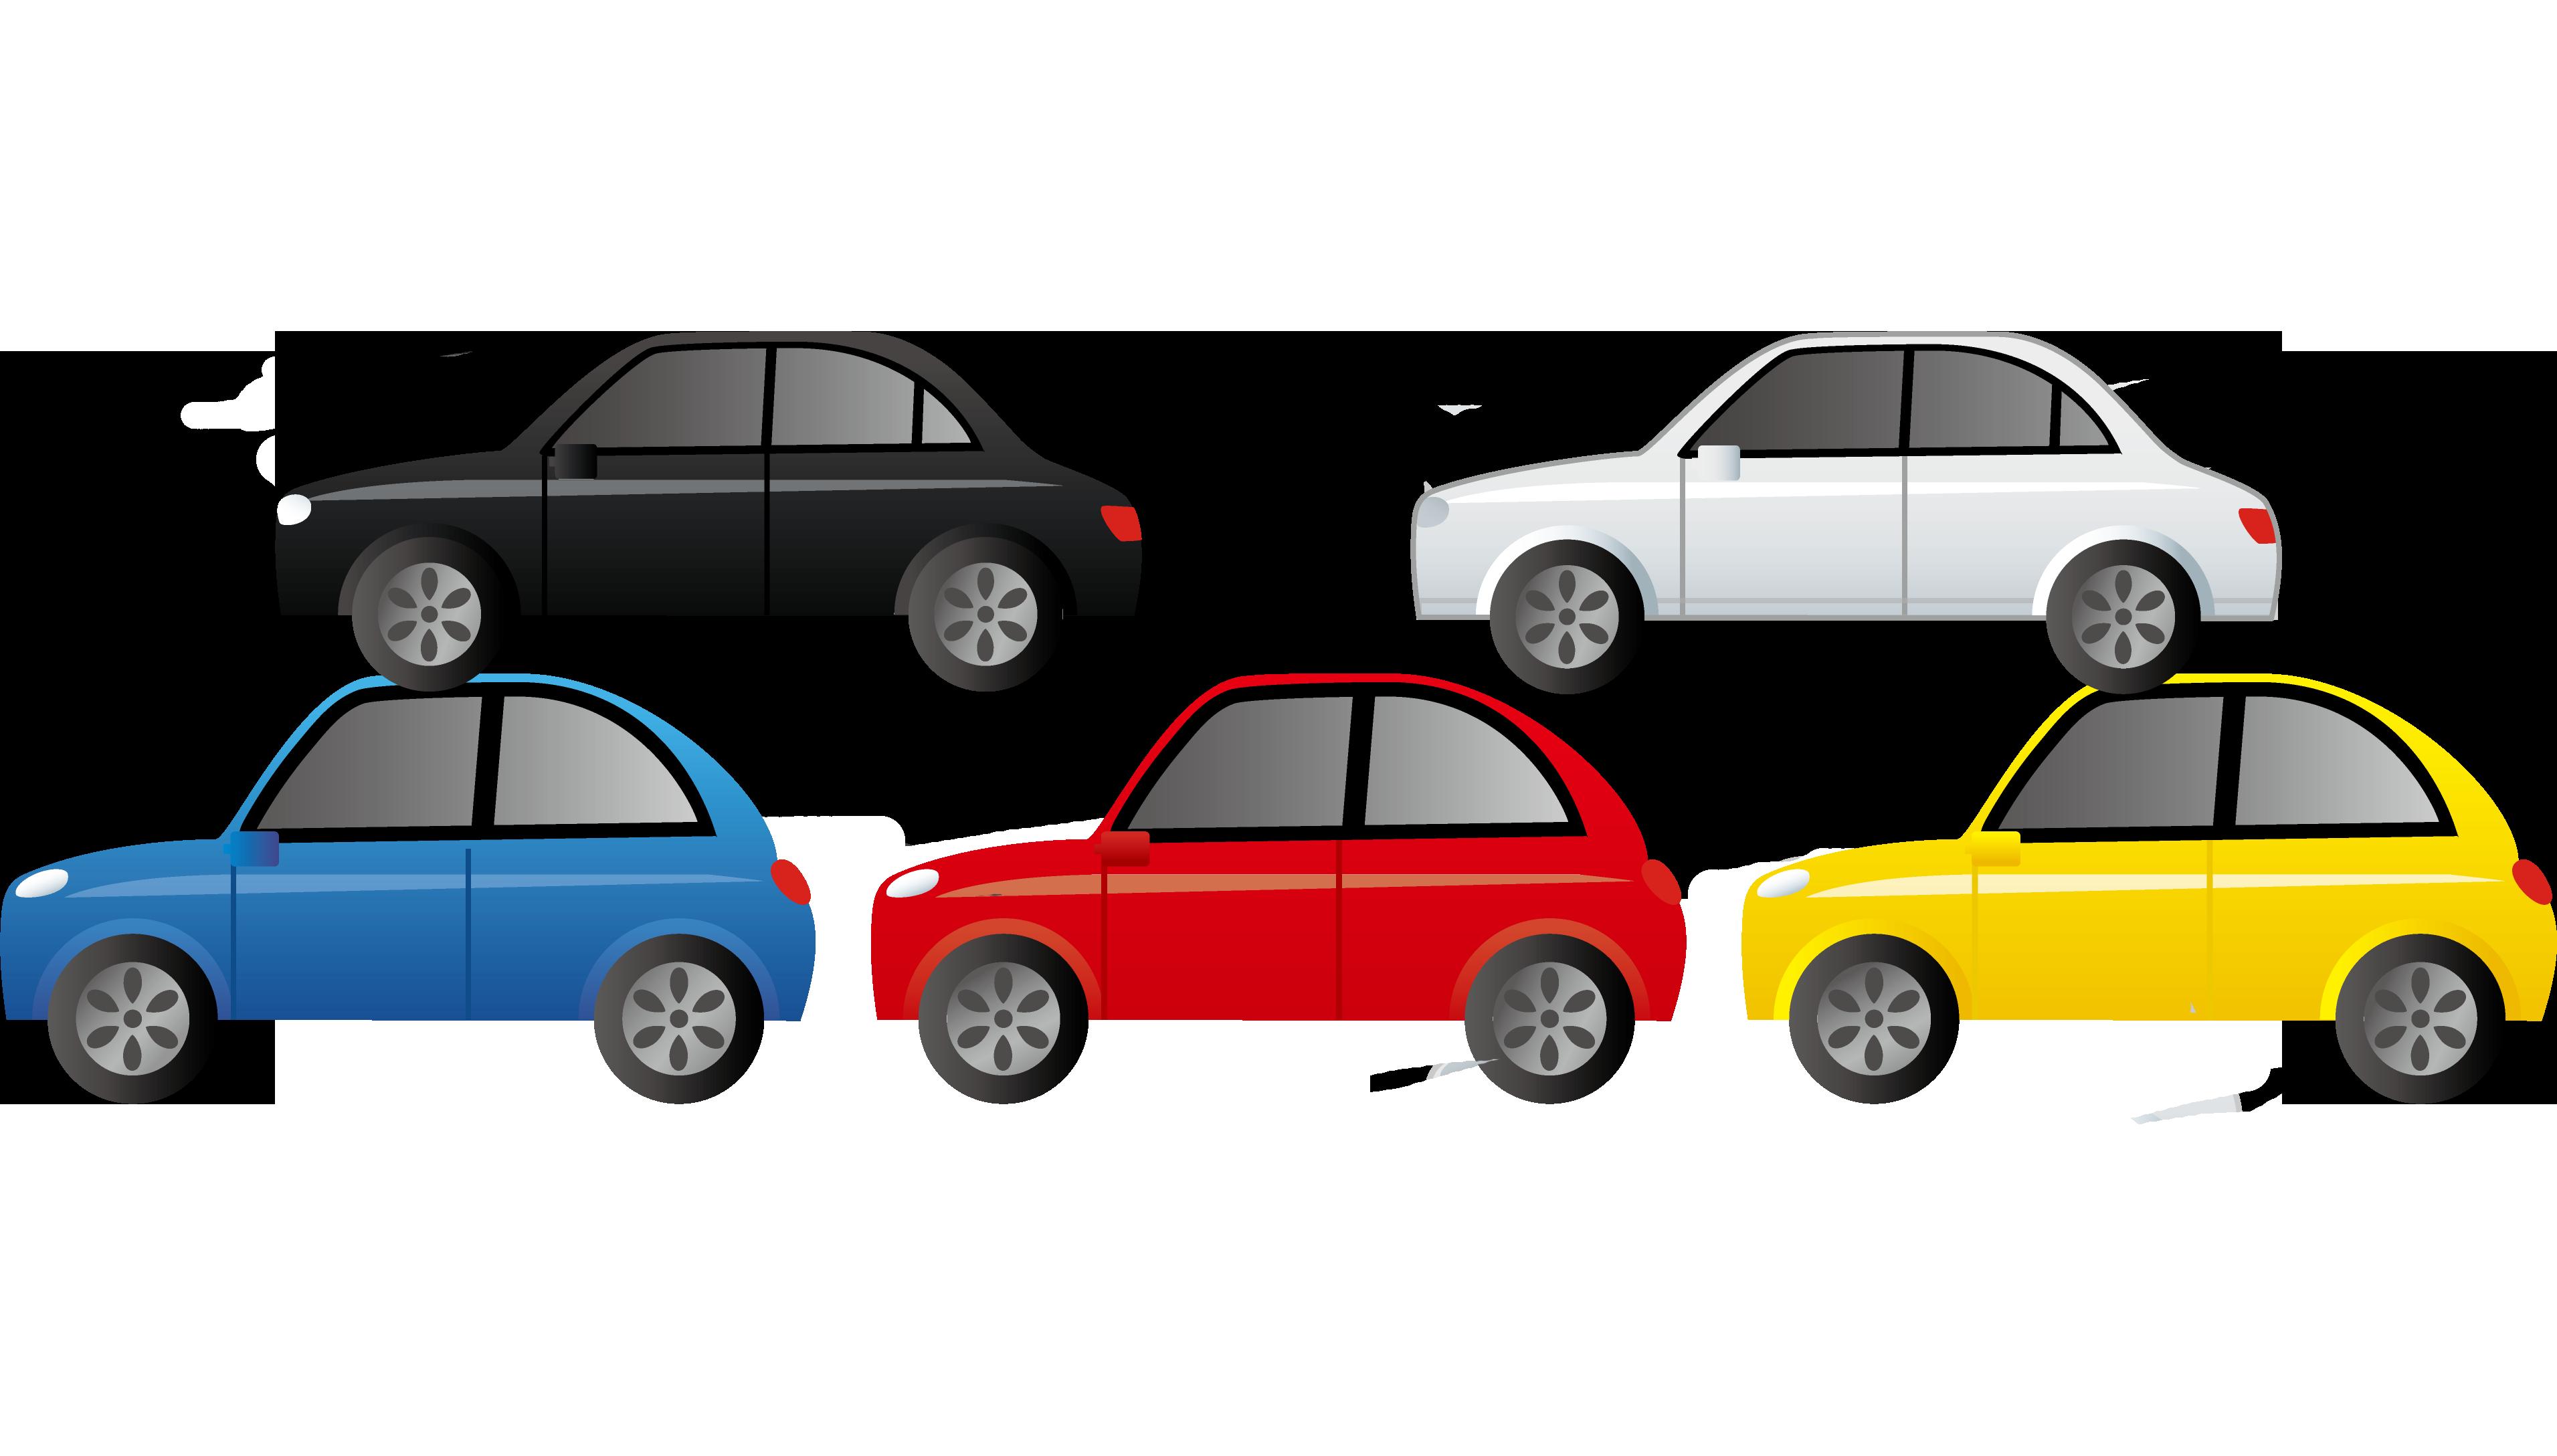 企業CMランキング (国産乗用車)